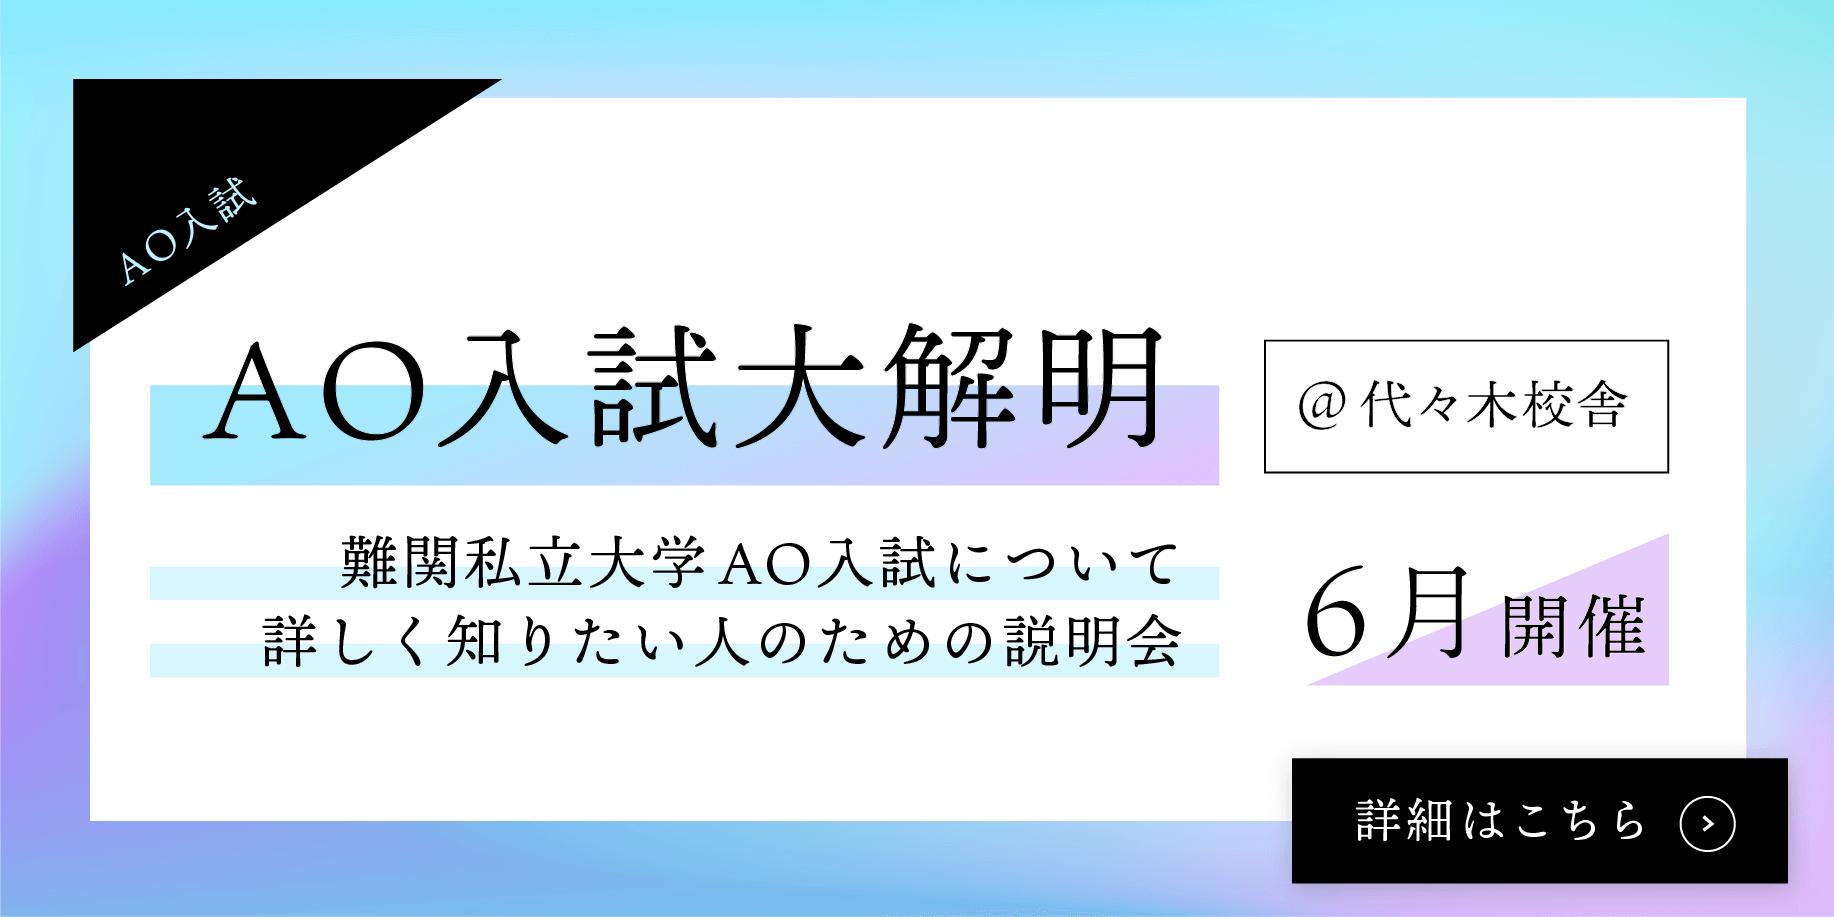 関西 学院 大学 ao 入試